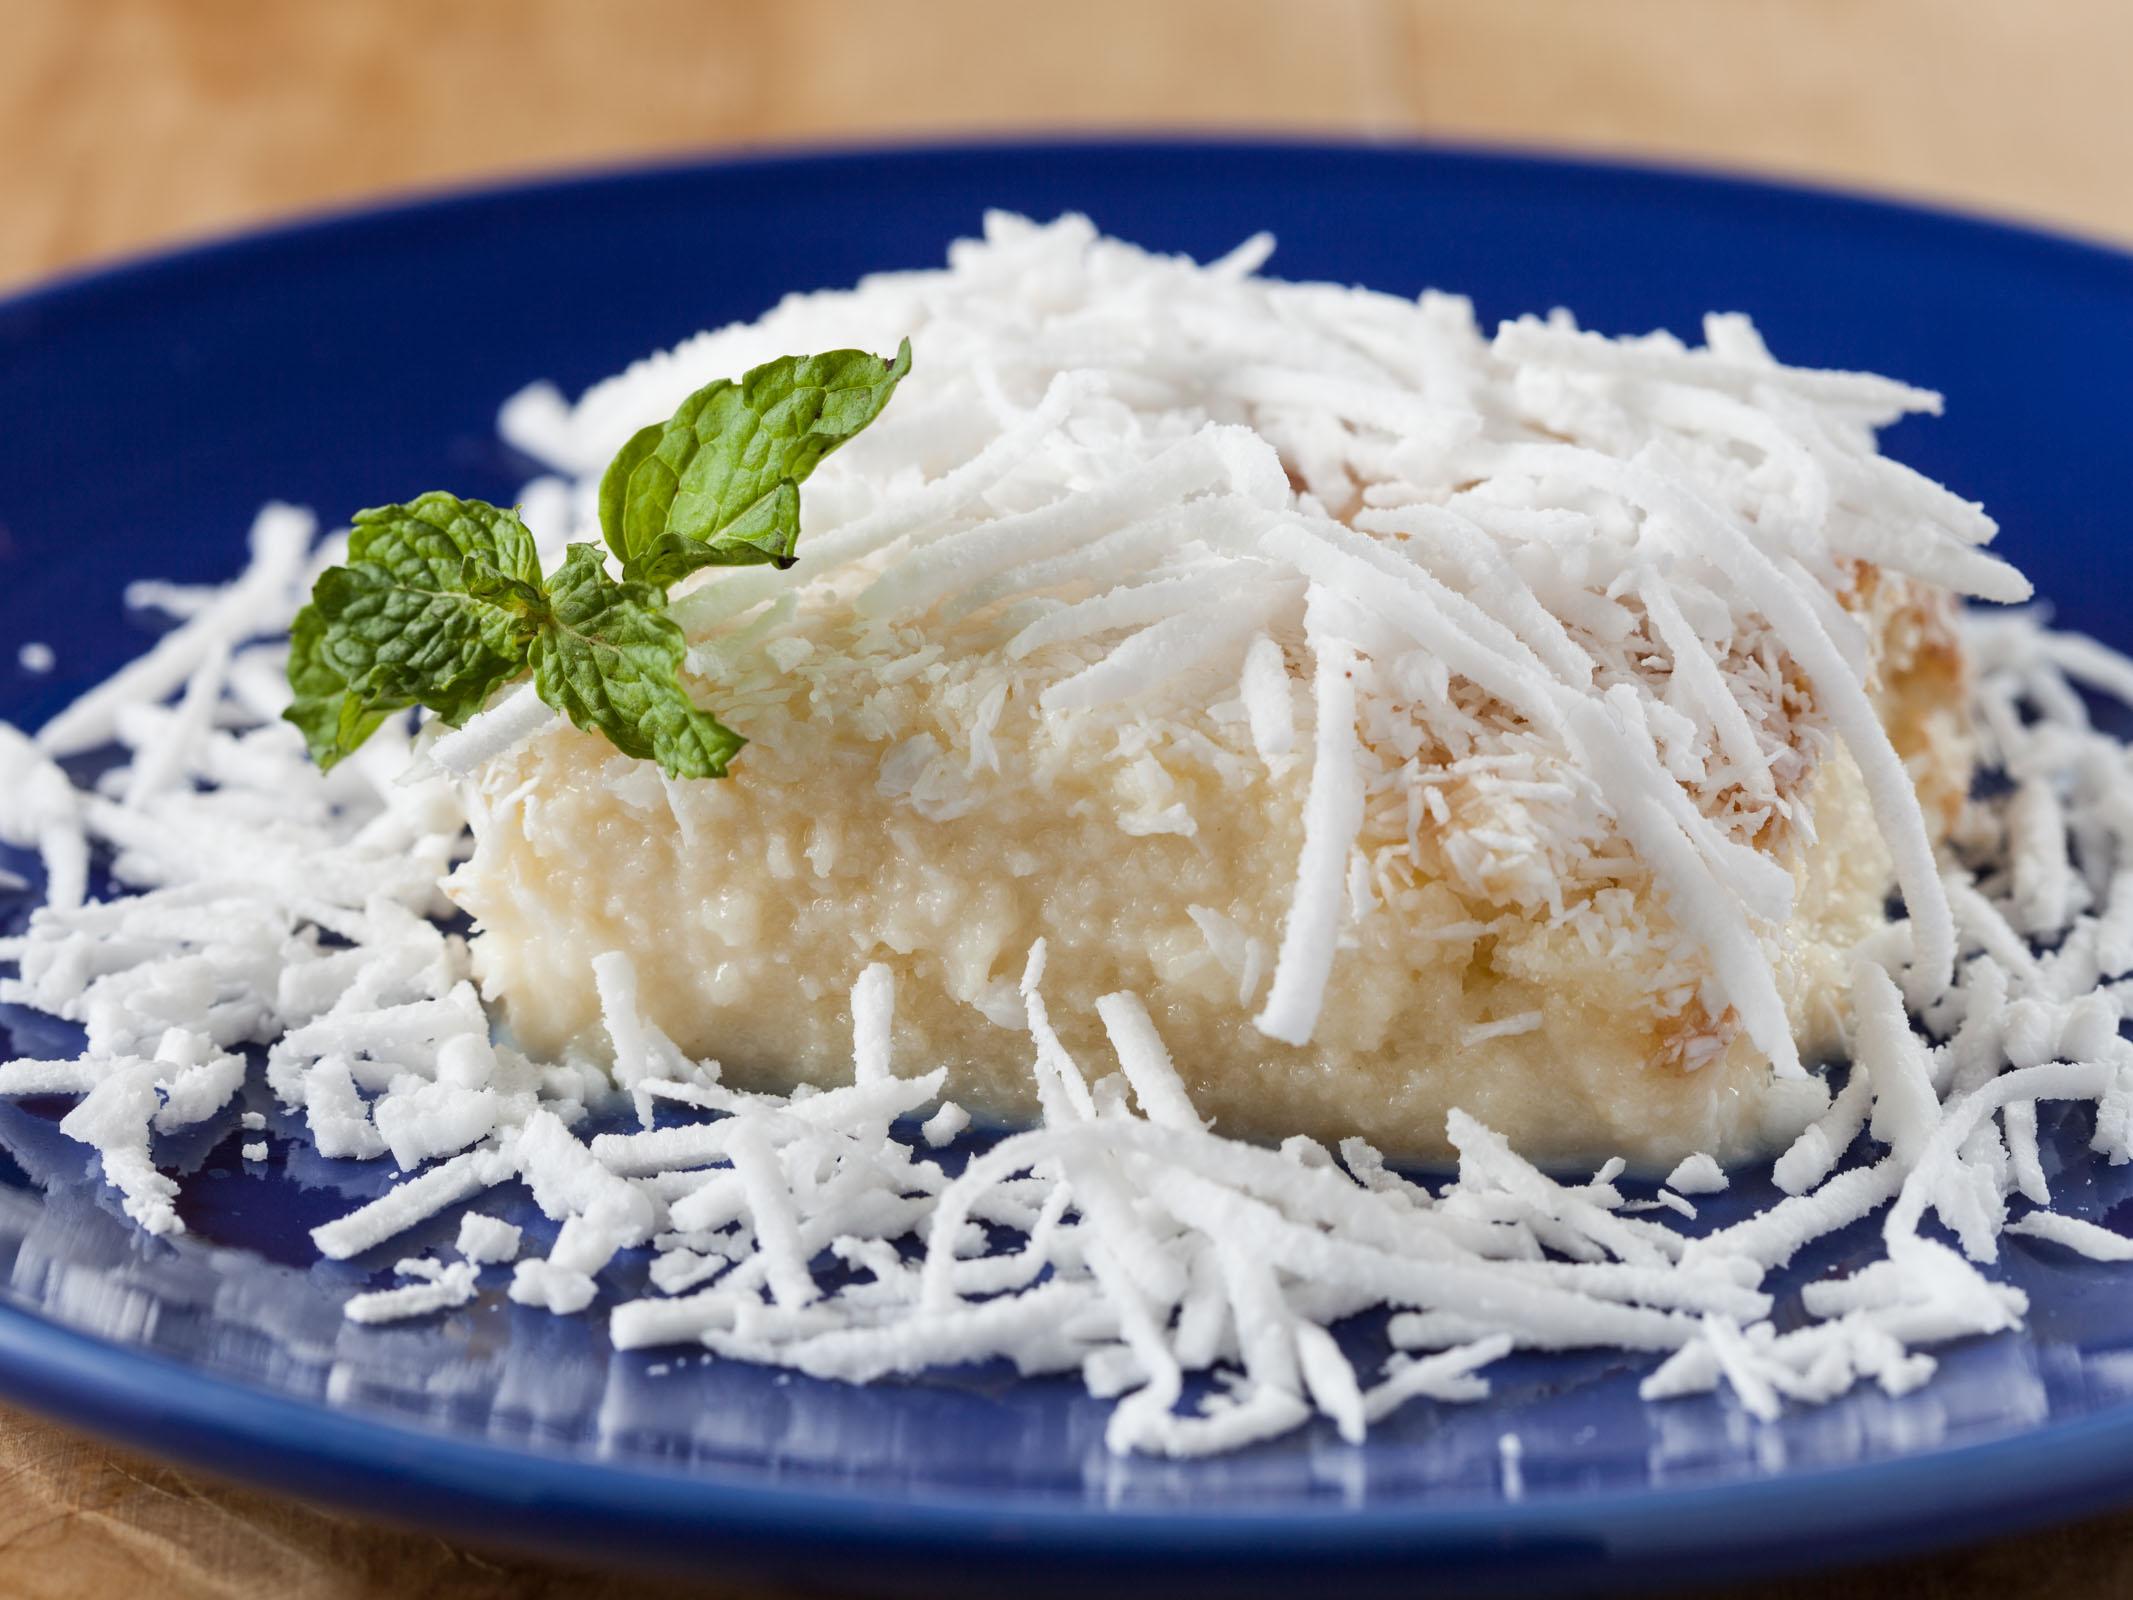 A imagem mostra um bolo gelado de coco